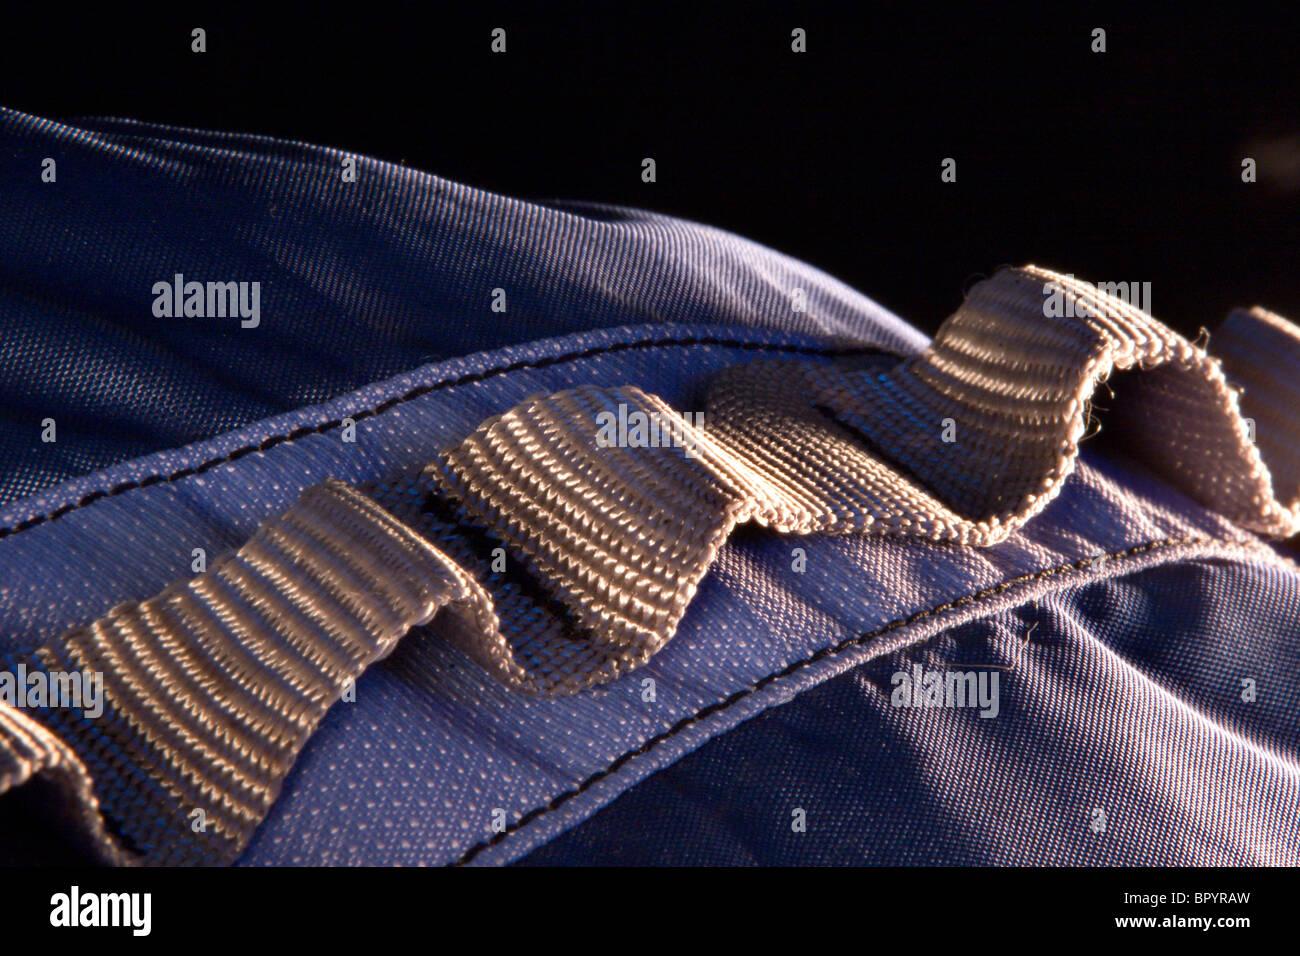 Close Up / Detalle de mochila. Imagen De Stock